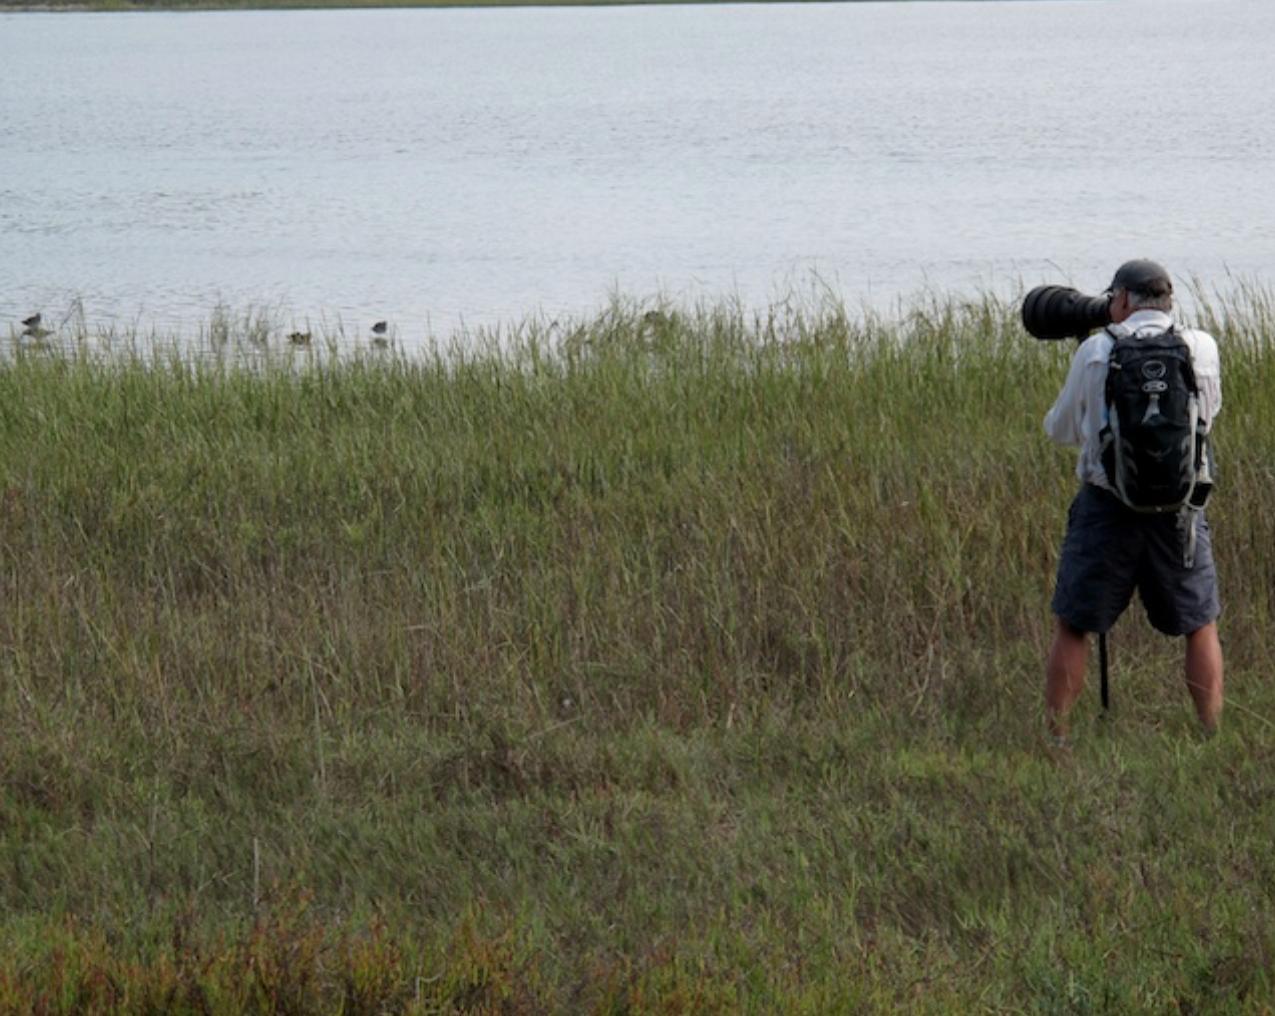 Shooting shorebirds near Del Mar, CA